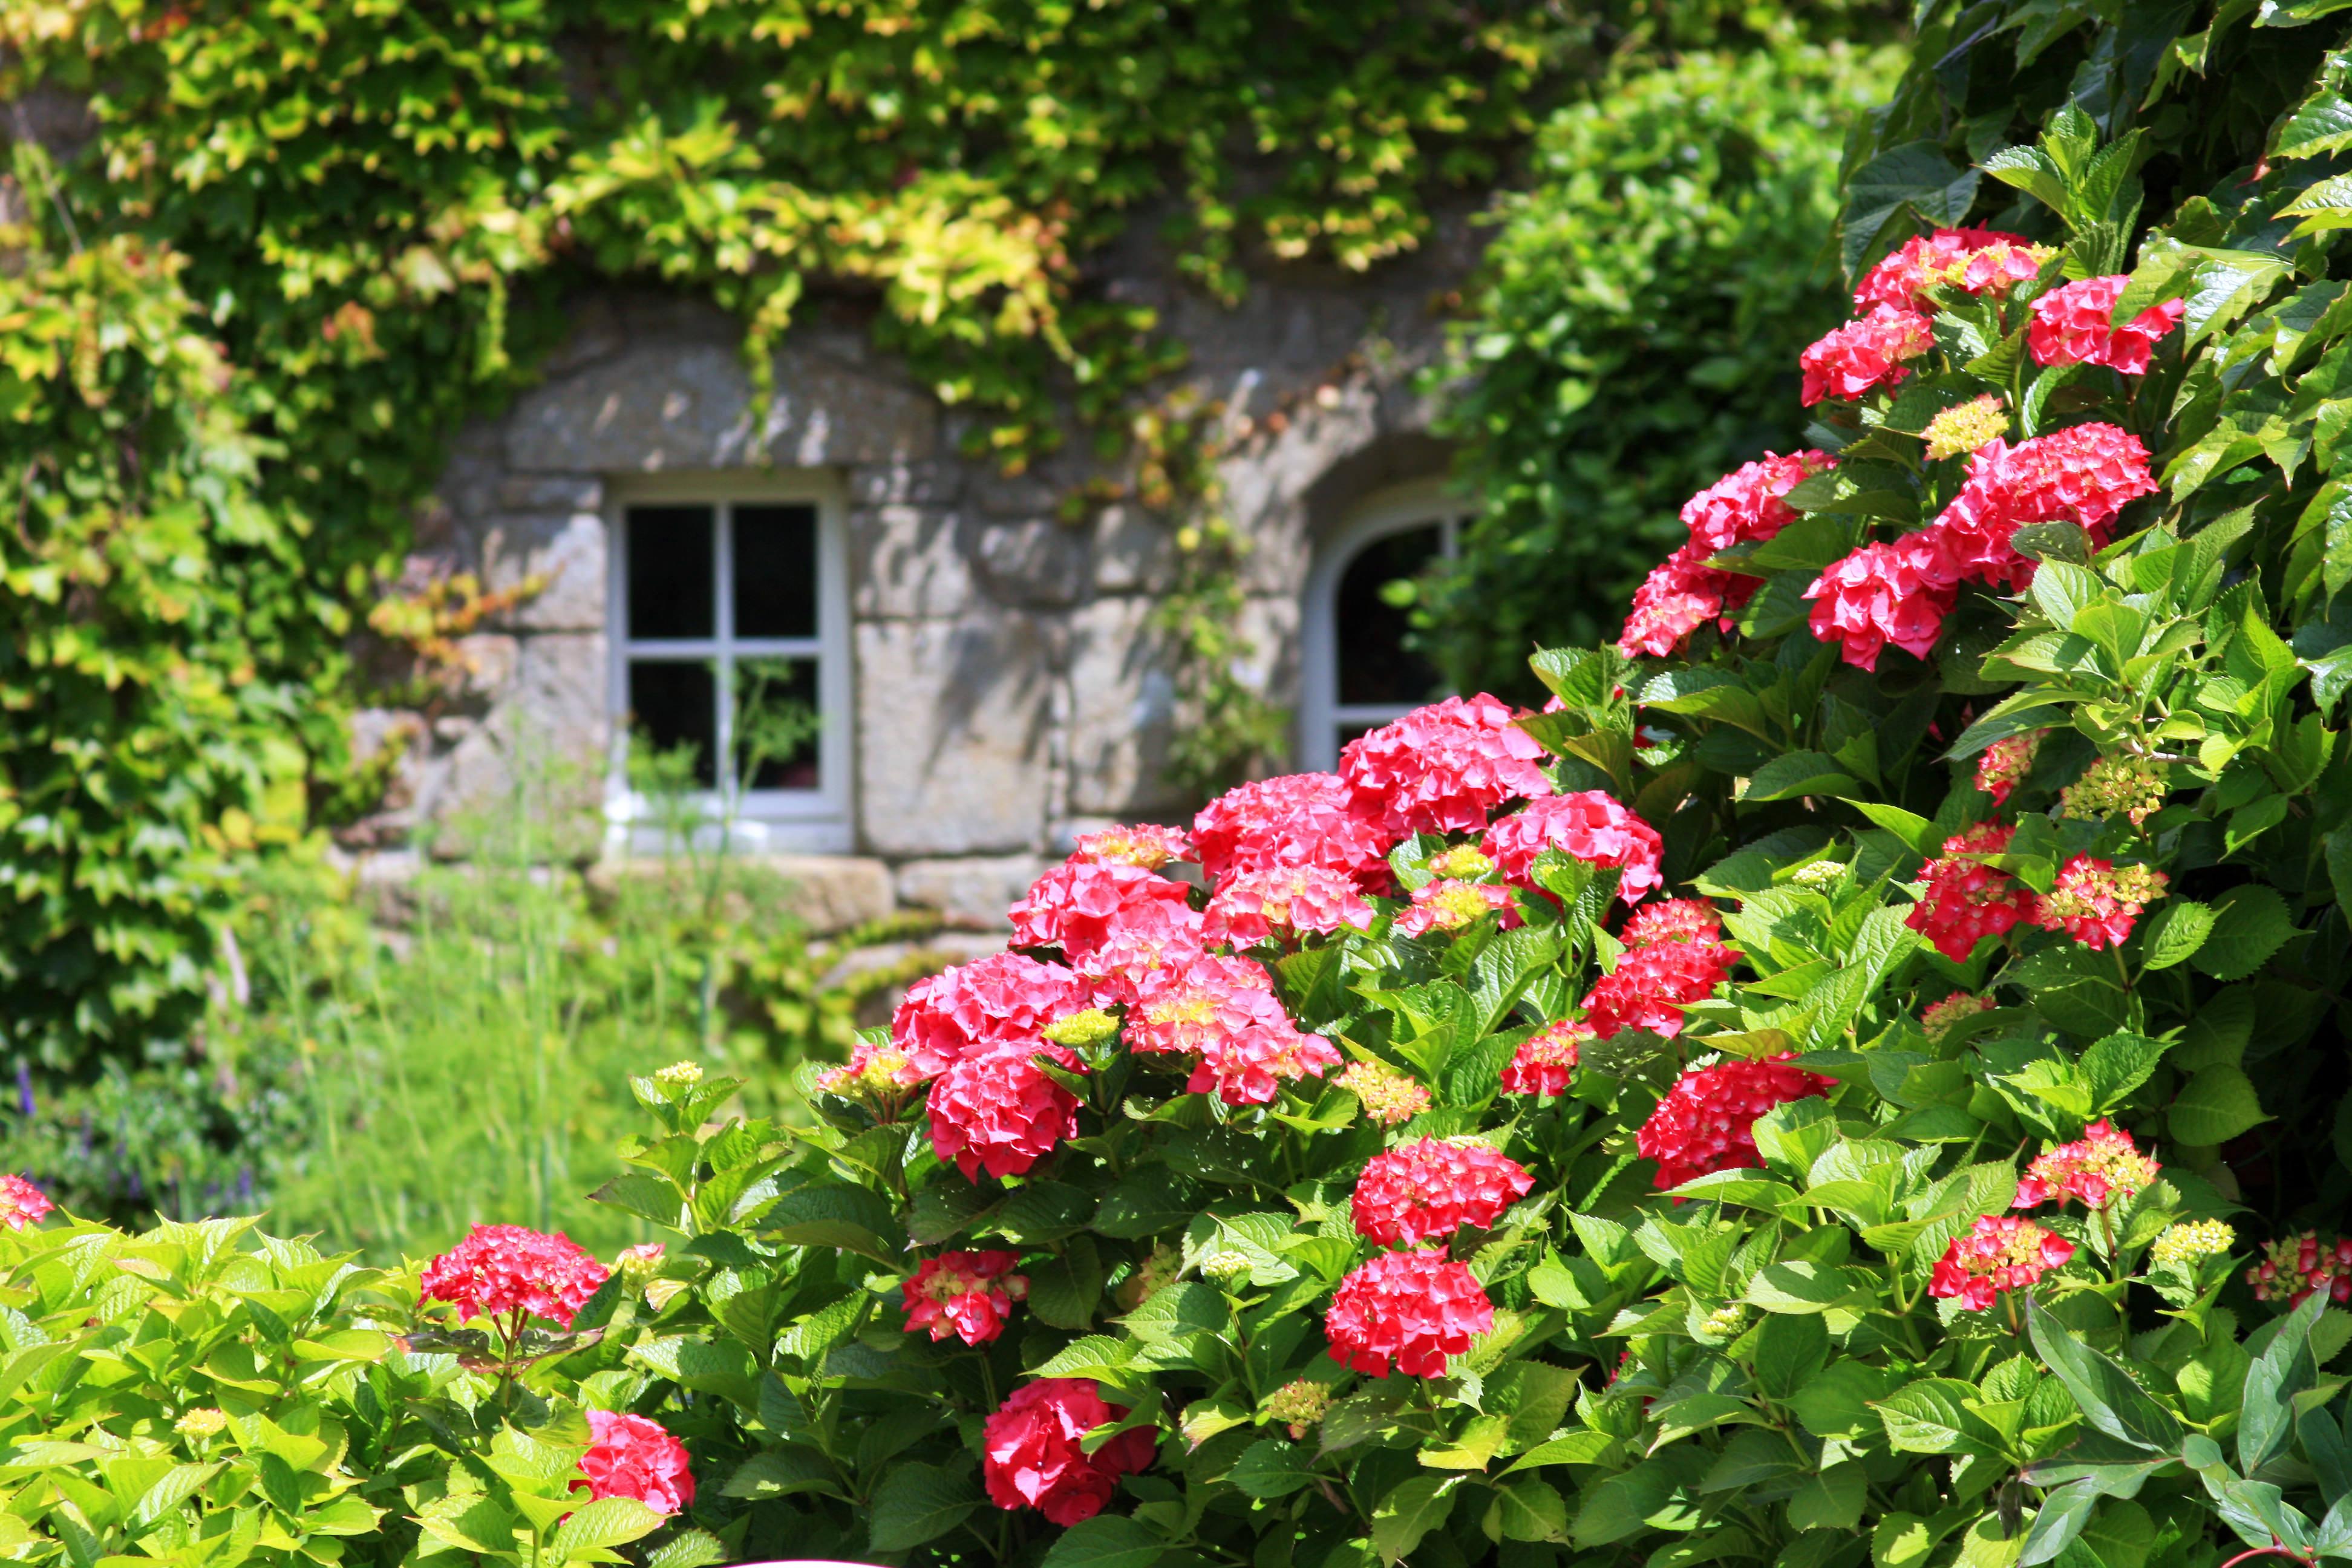 mes hortensias les conseils pour votre jardin de. Black Bedroom Furniture Sets. Home Design Ideas